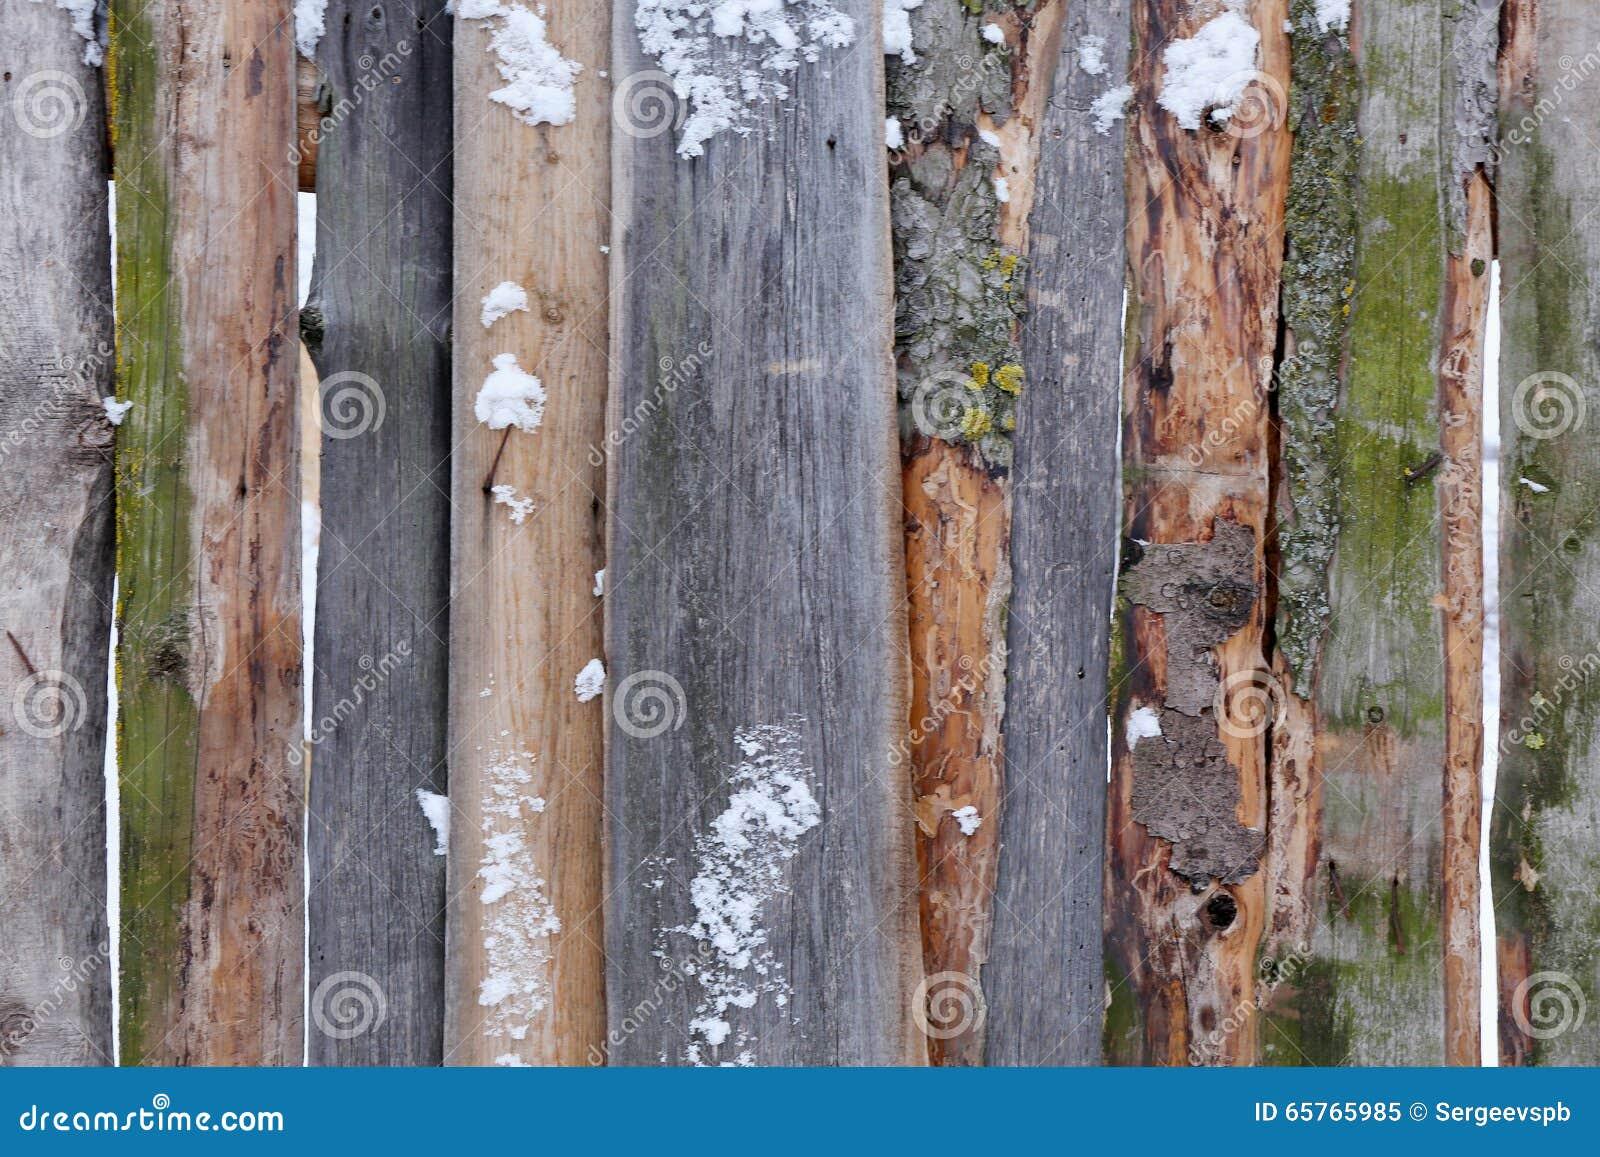 Hölzerner brauner Zaun von rauen Brettern im Schnee